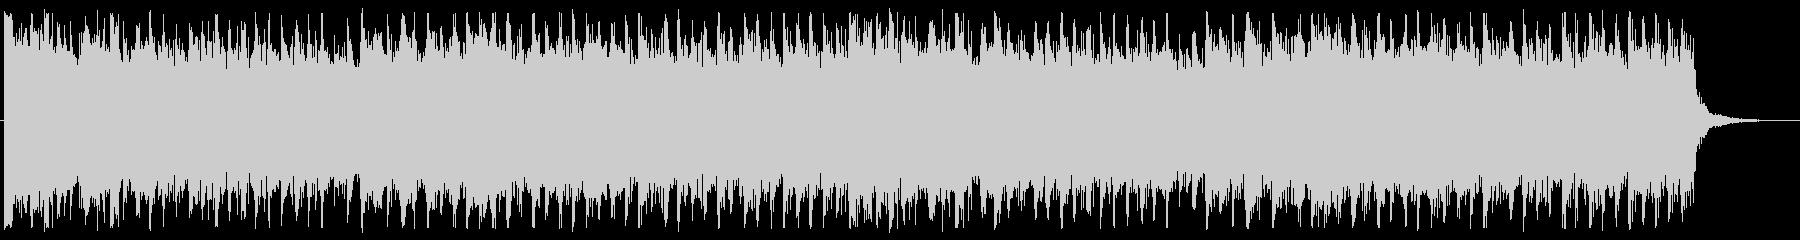 電子/疾走感/ロック_No358_4の未再生の波形